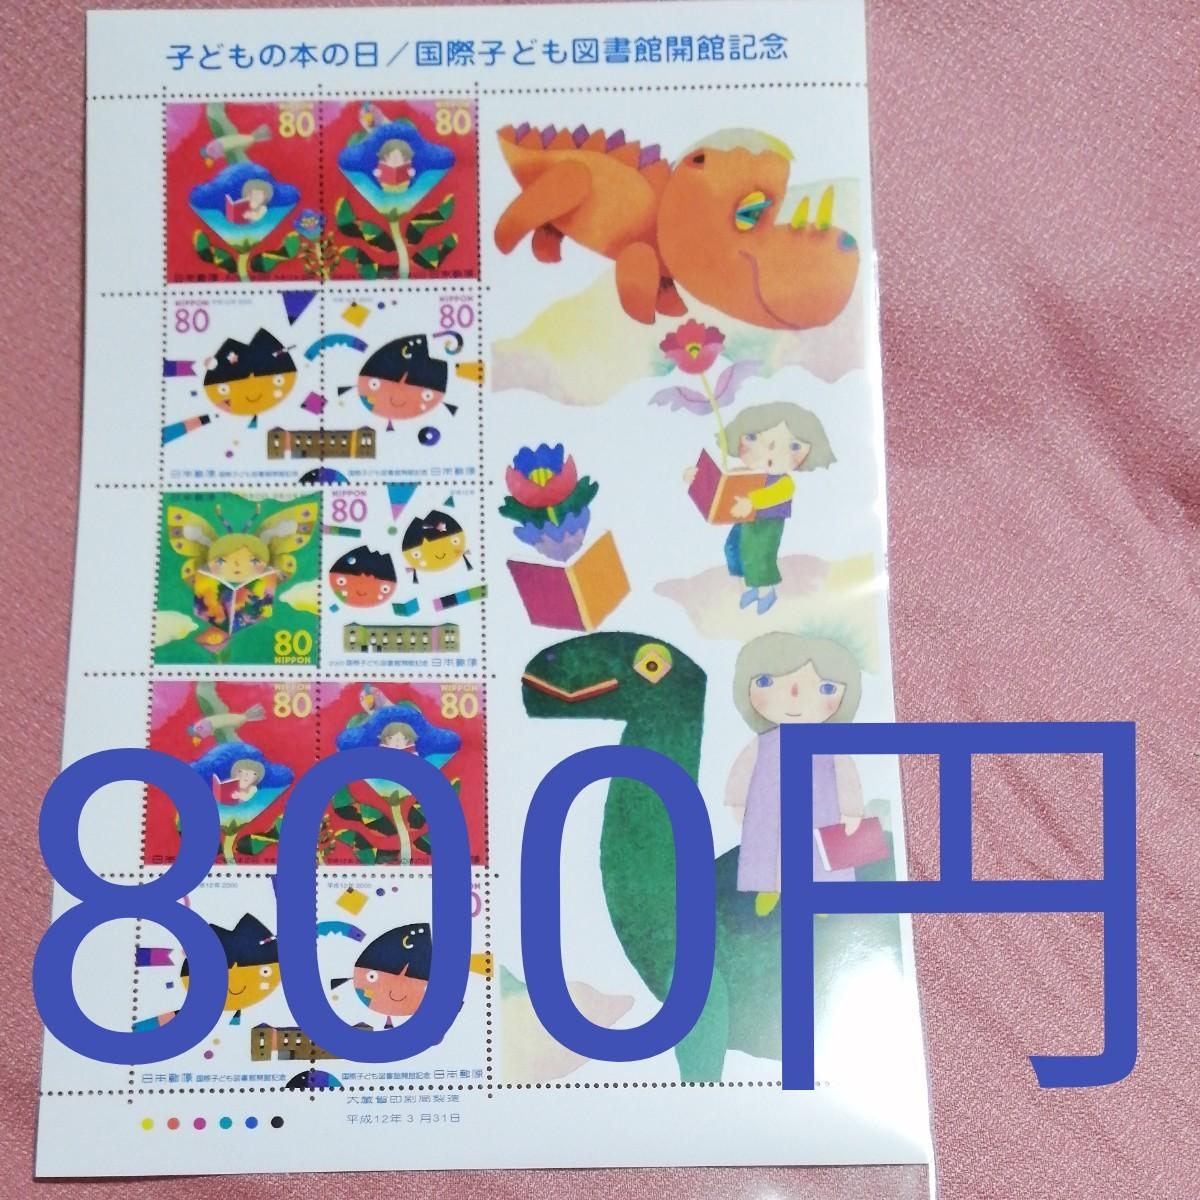 子ども本の日/国際子ども図書館記念